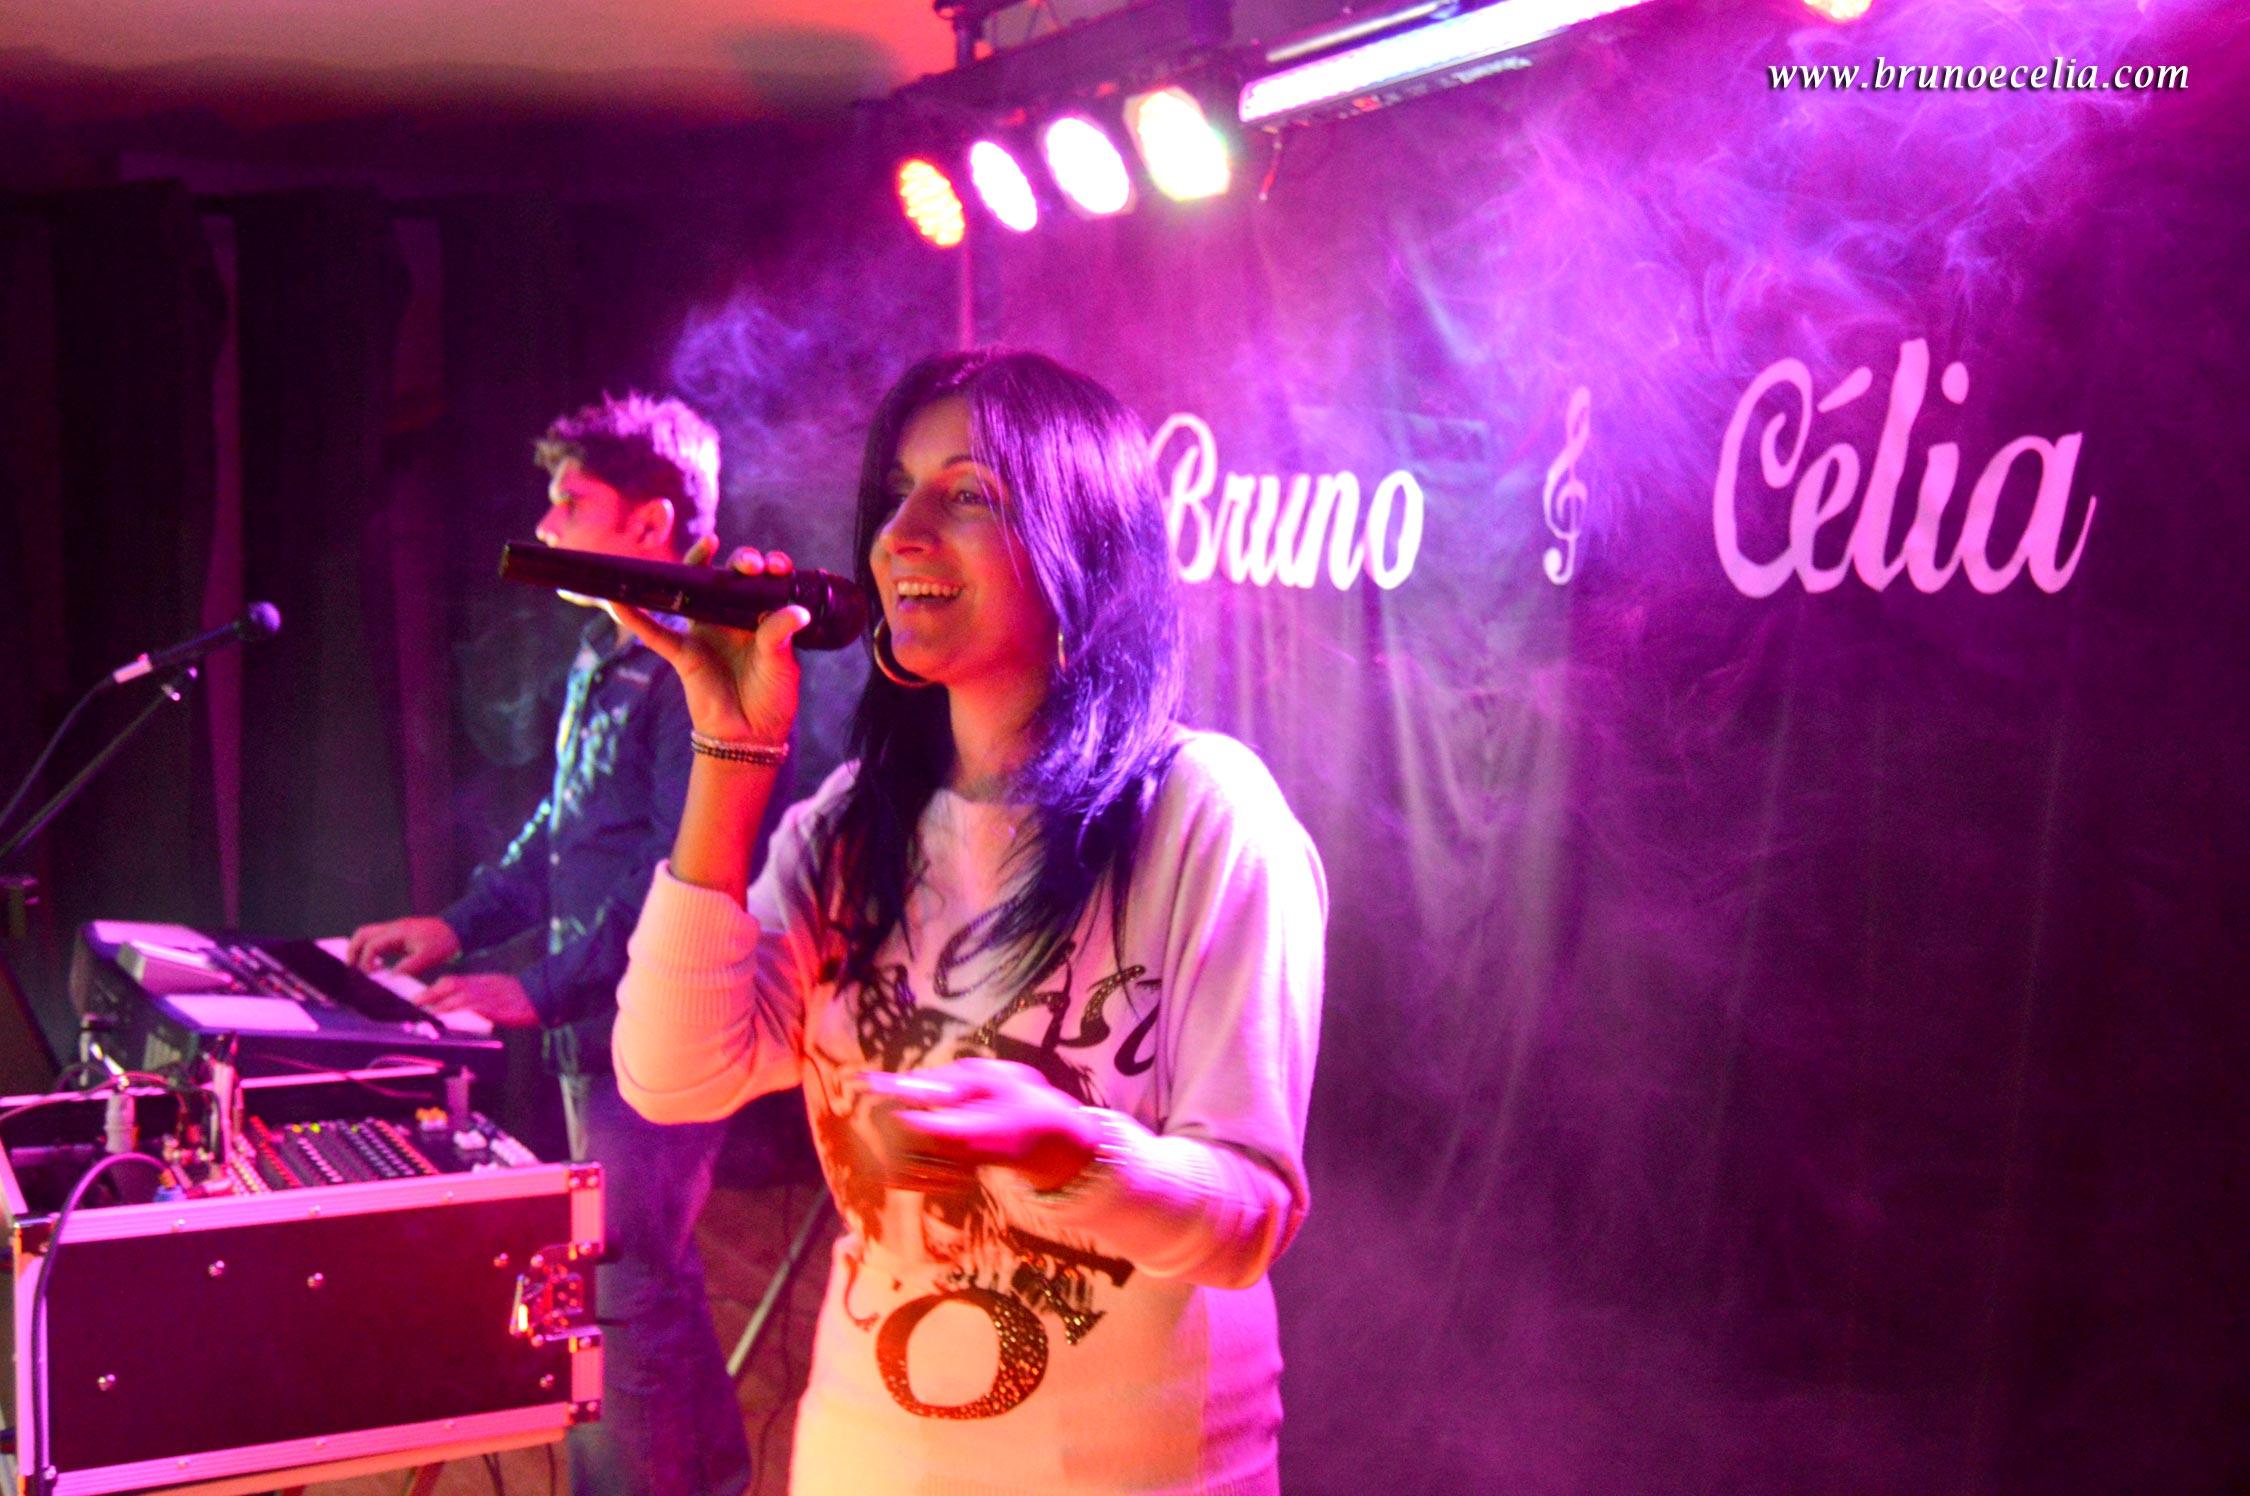 Bruno e Célia, Duos musicais, duo, trio, grupo, grupo musical, festaas, bandas, teclistas, organistas, cantoras, arraial, organistas